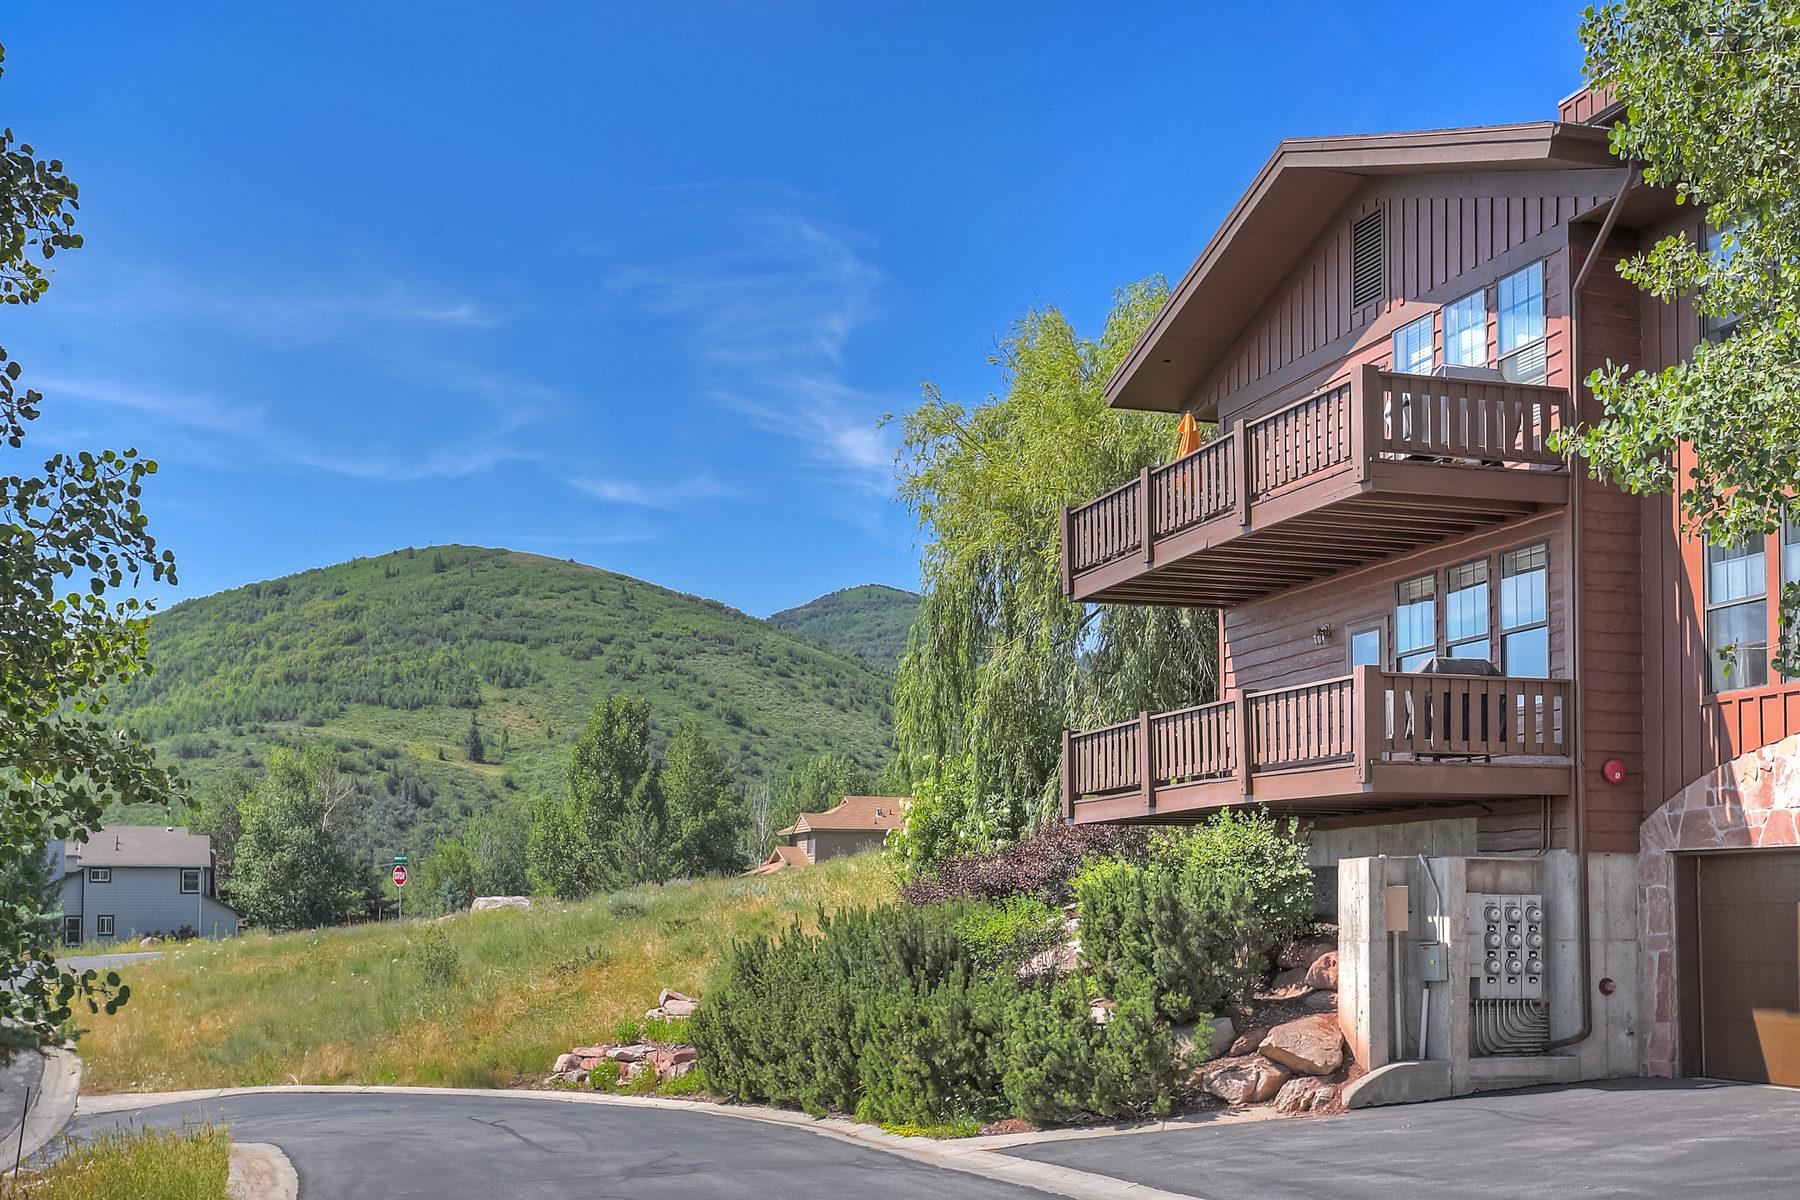 Частный односемейный дом для того Продажа на Immaculate Remodeled 3 Bedroom with Mountain Views 8231 Meadowview Ct Park City, Юта 84098 Соединенные Штаты